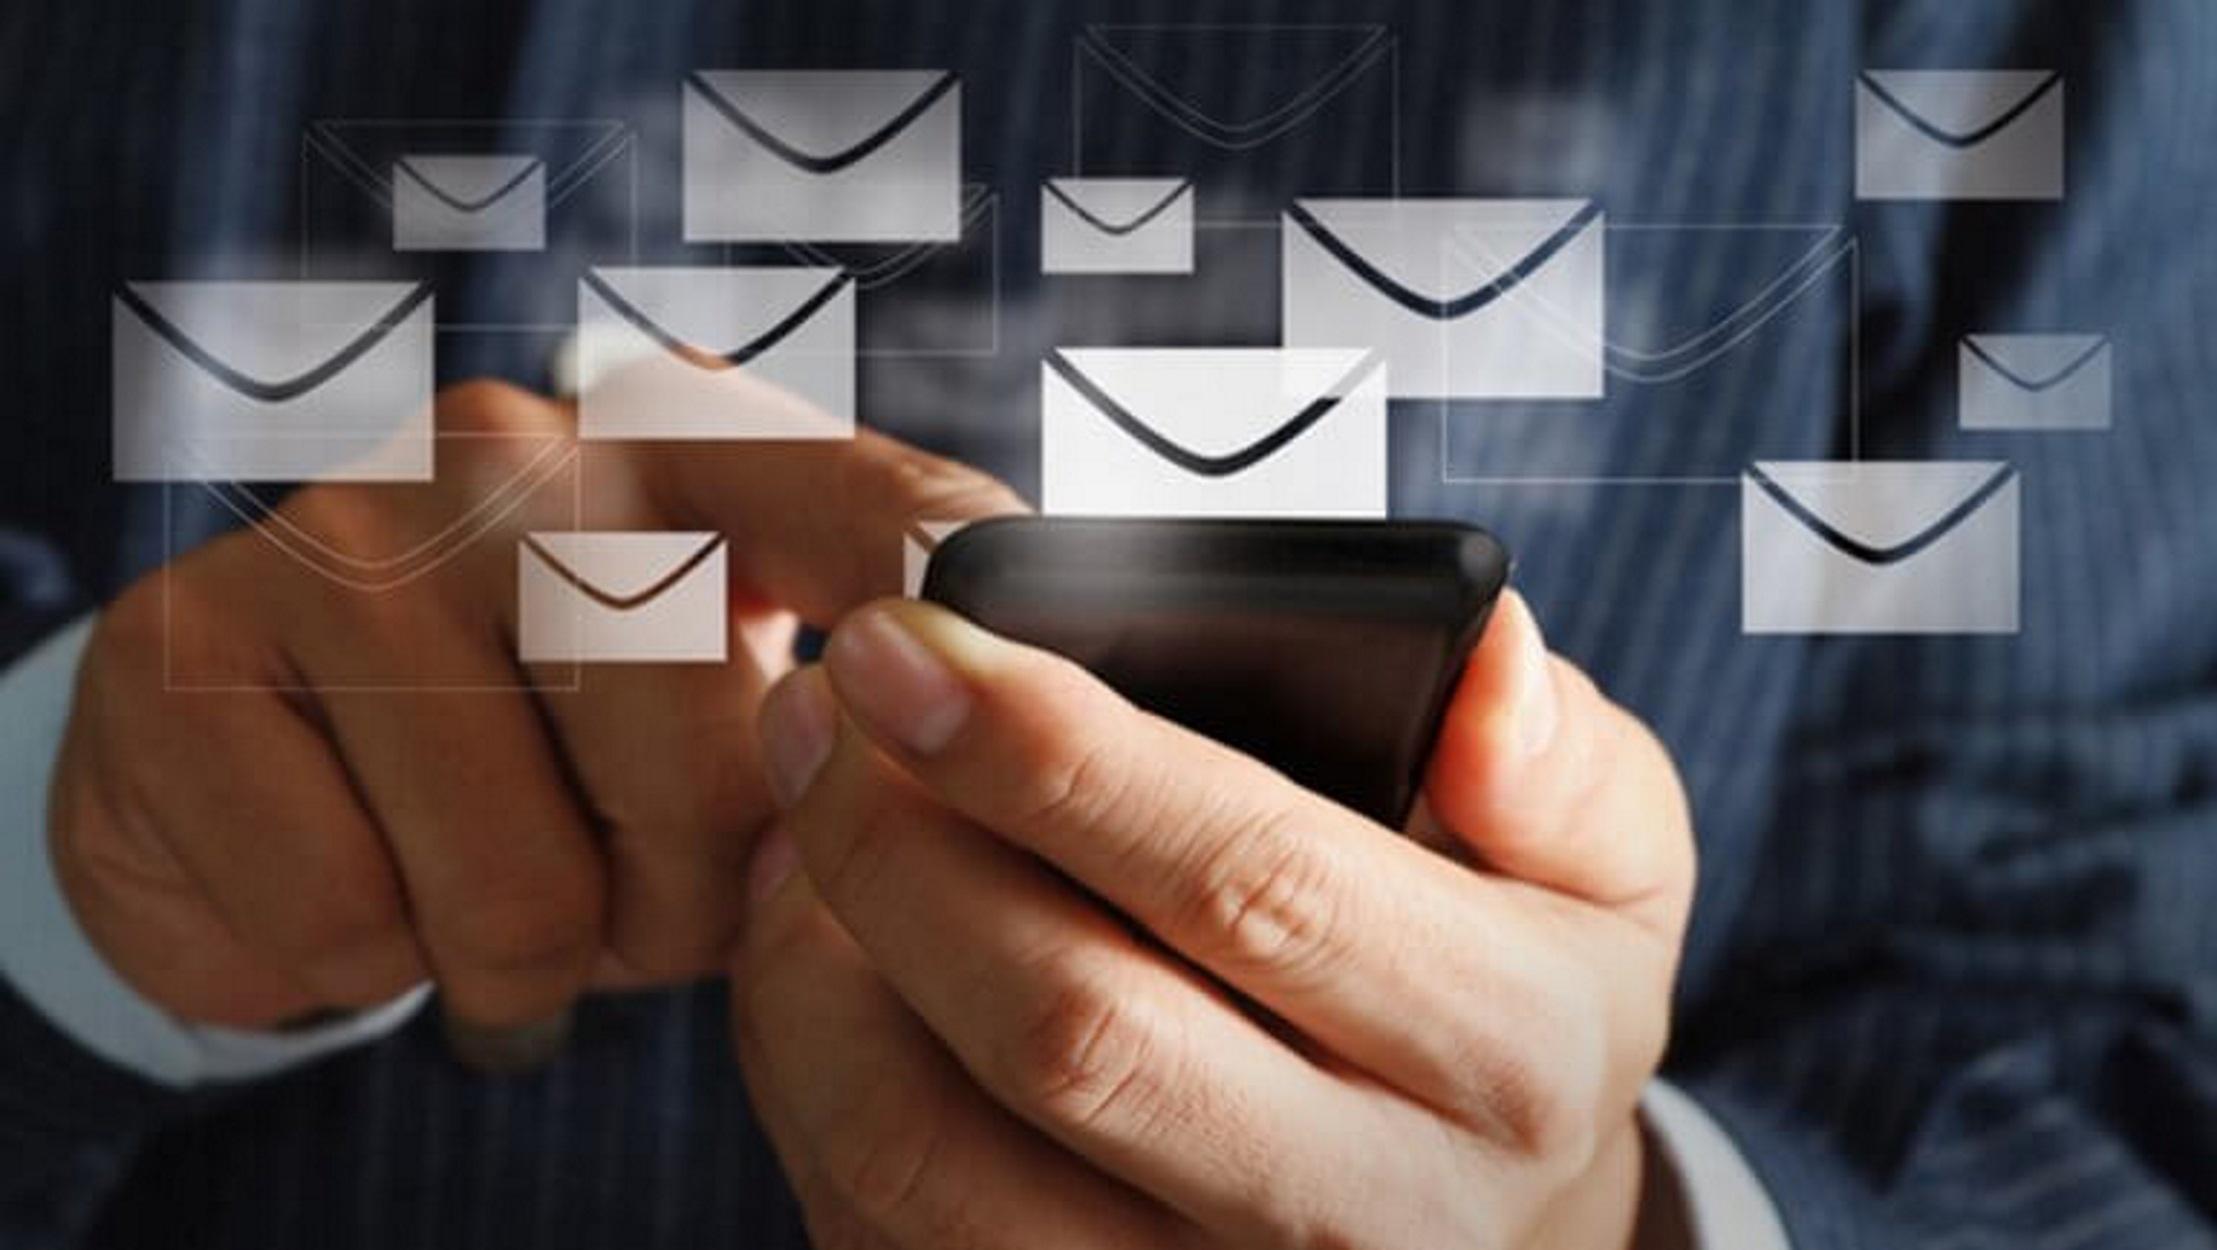 Ηλεκτρονικές απάτες: Μην απαντήσετε σε αυτό το μήνυμα – Παριστάνουν τράπεζες, εταιρείες και οργανισμούς